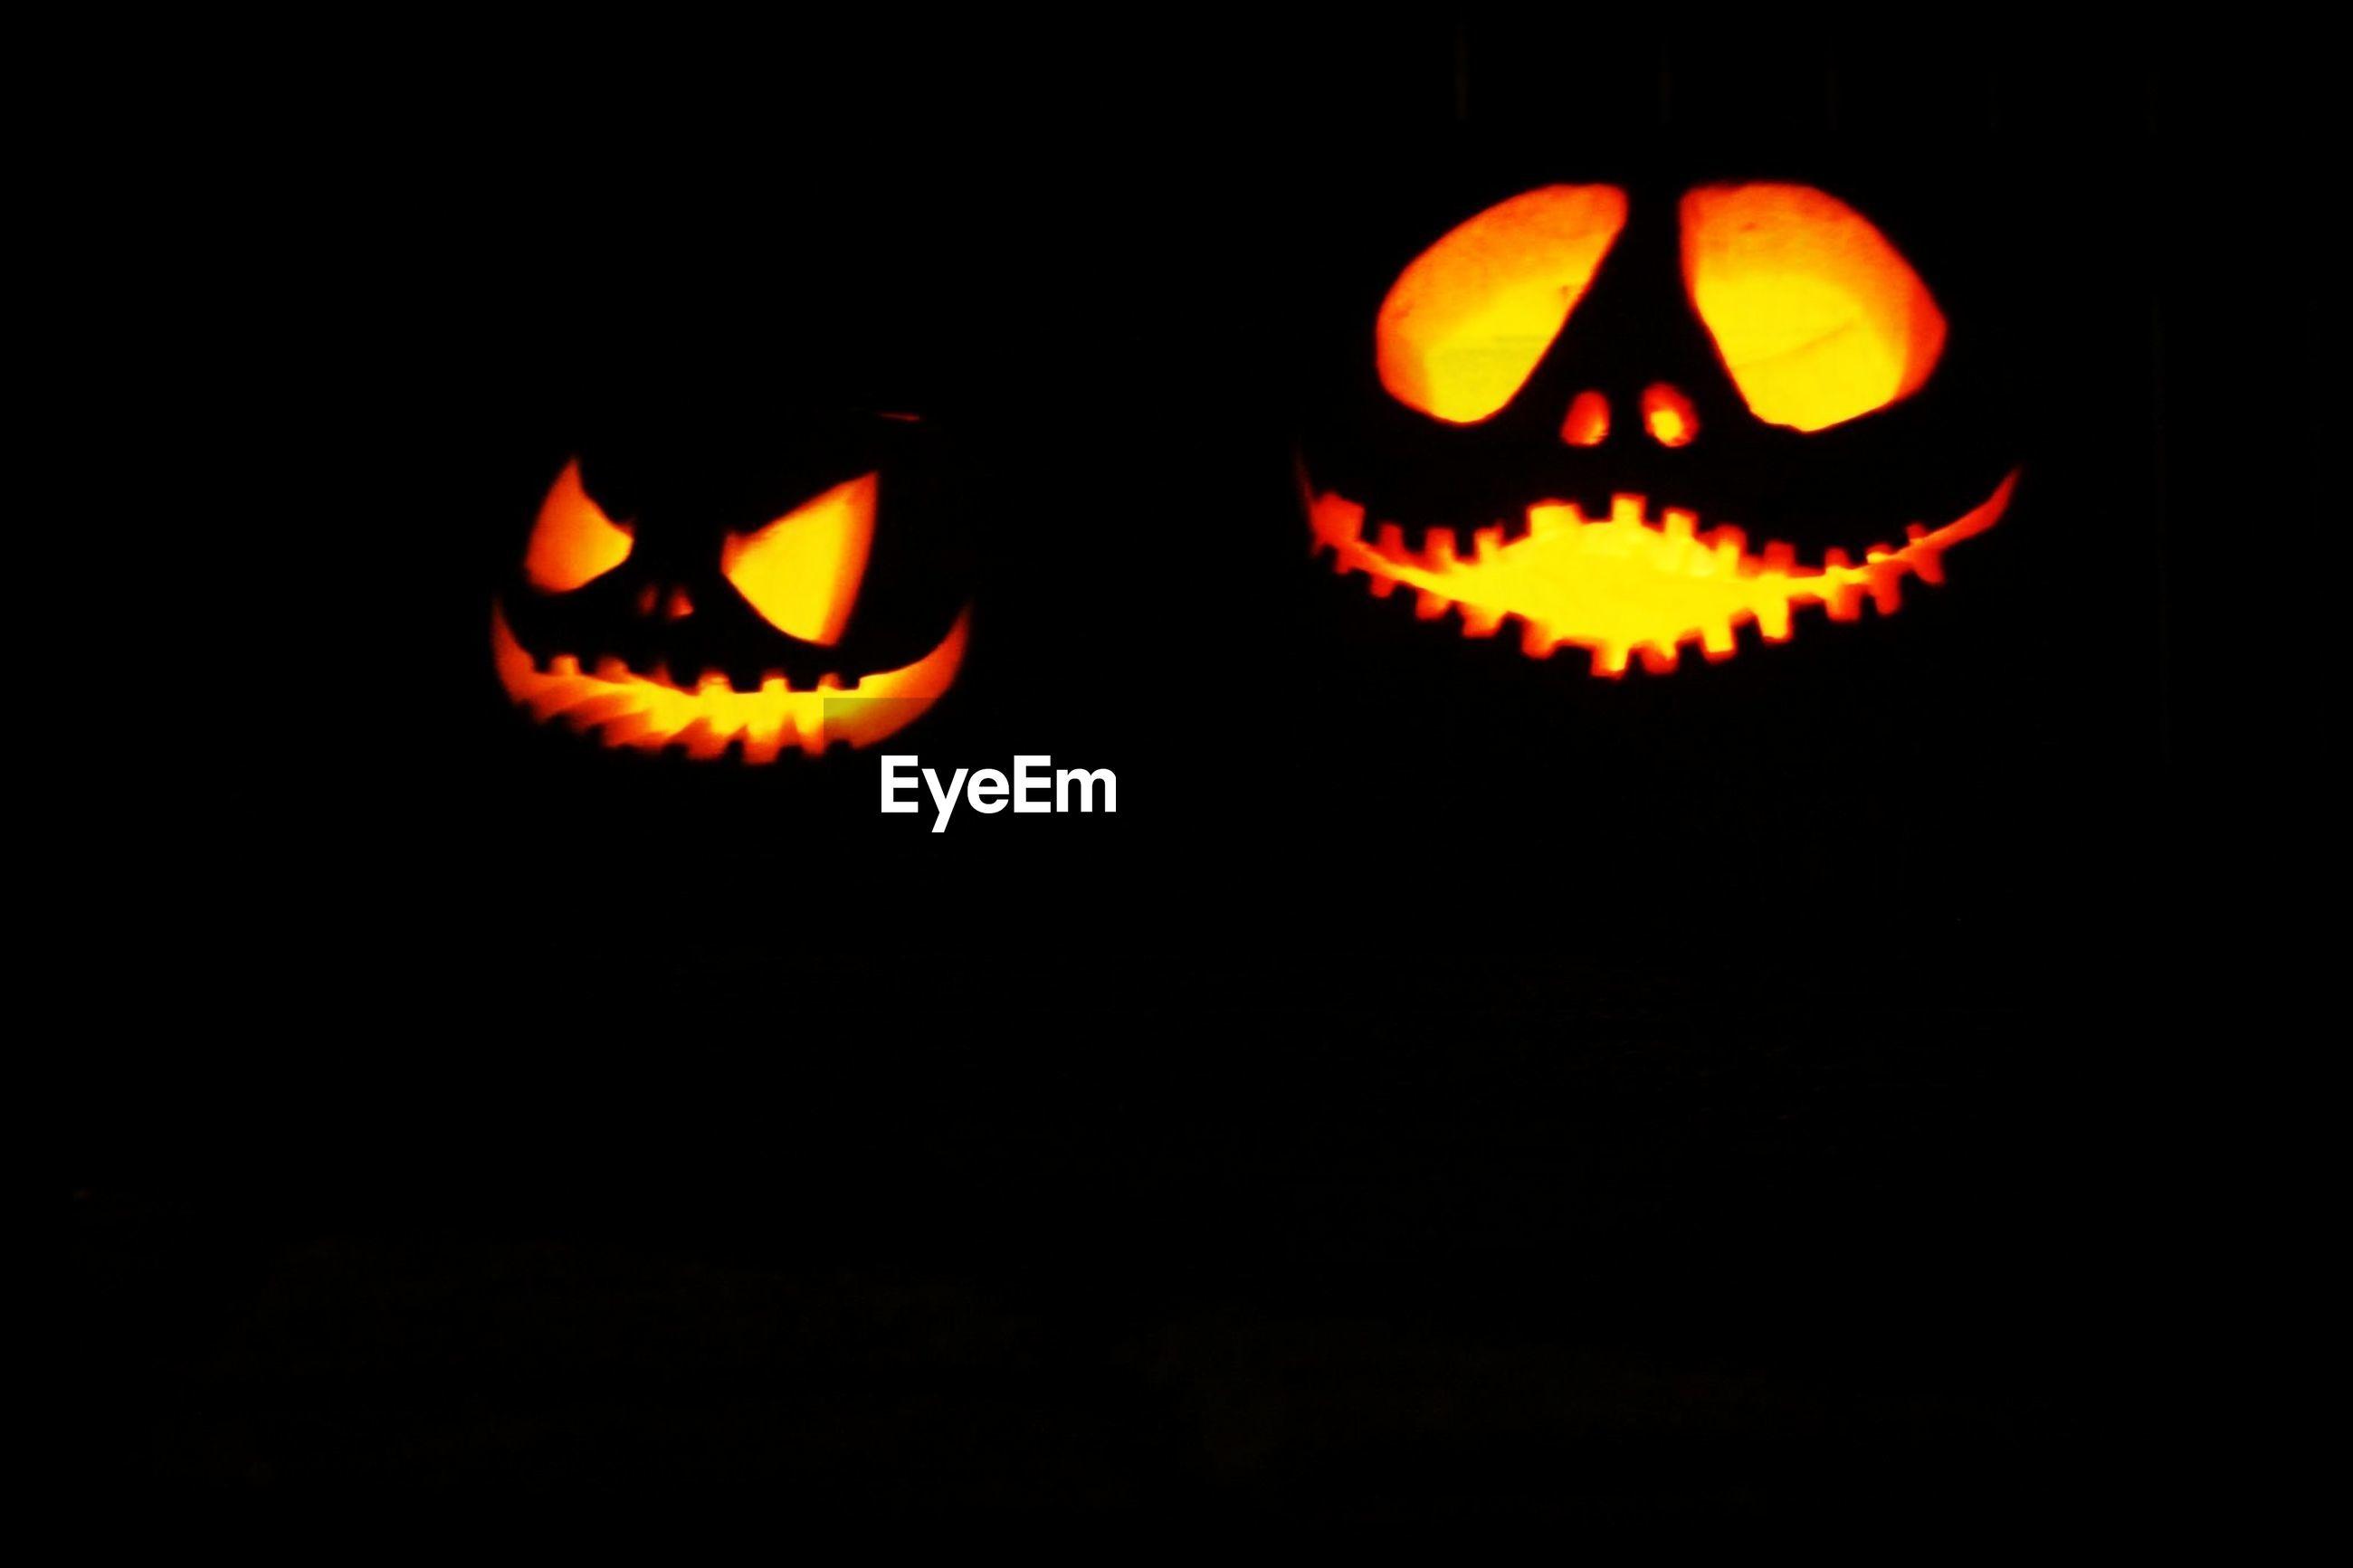 Illuminated jack-o-lanterns at night